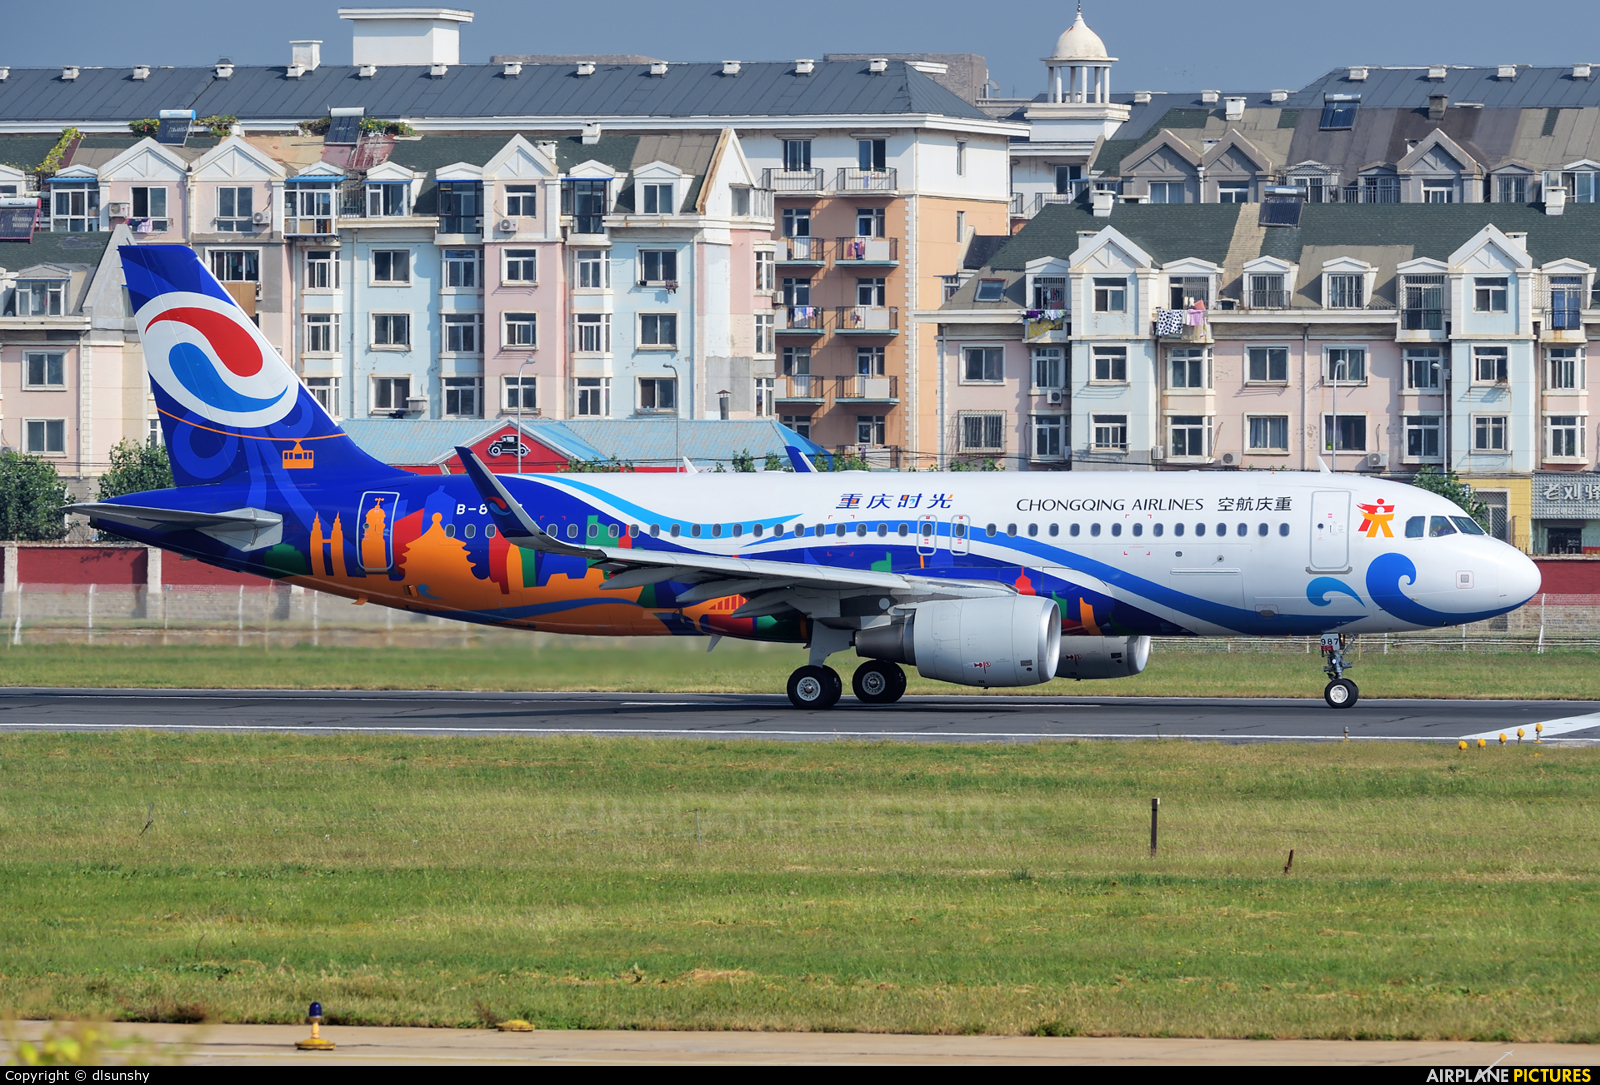 Chongqing Airlines B-8987 aircraft at Dalian Zhoushuizi Int'l